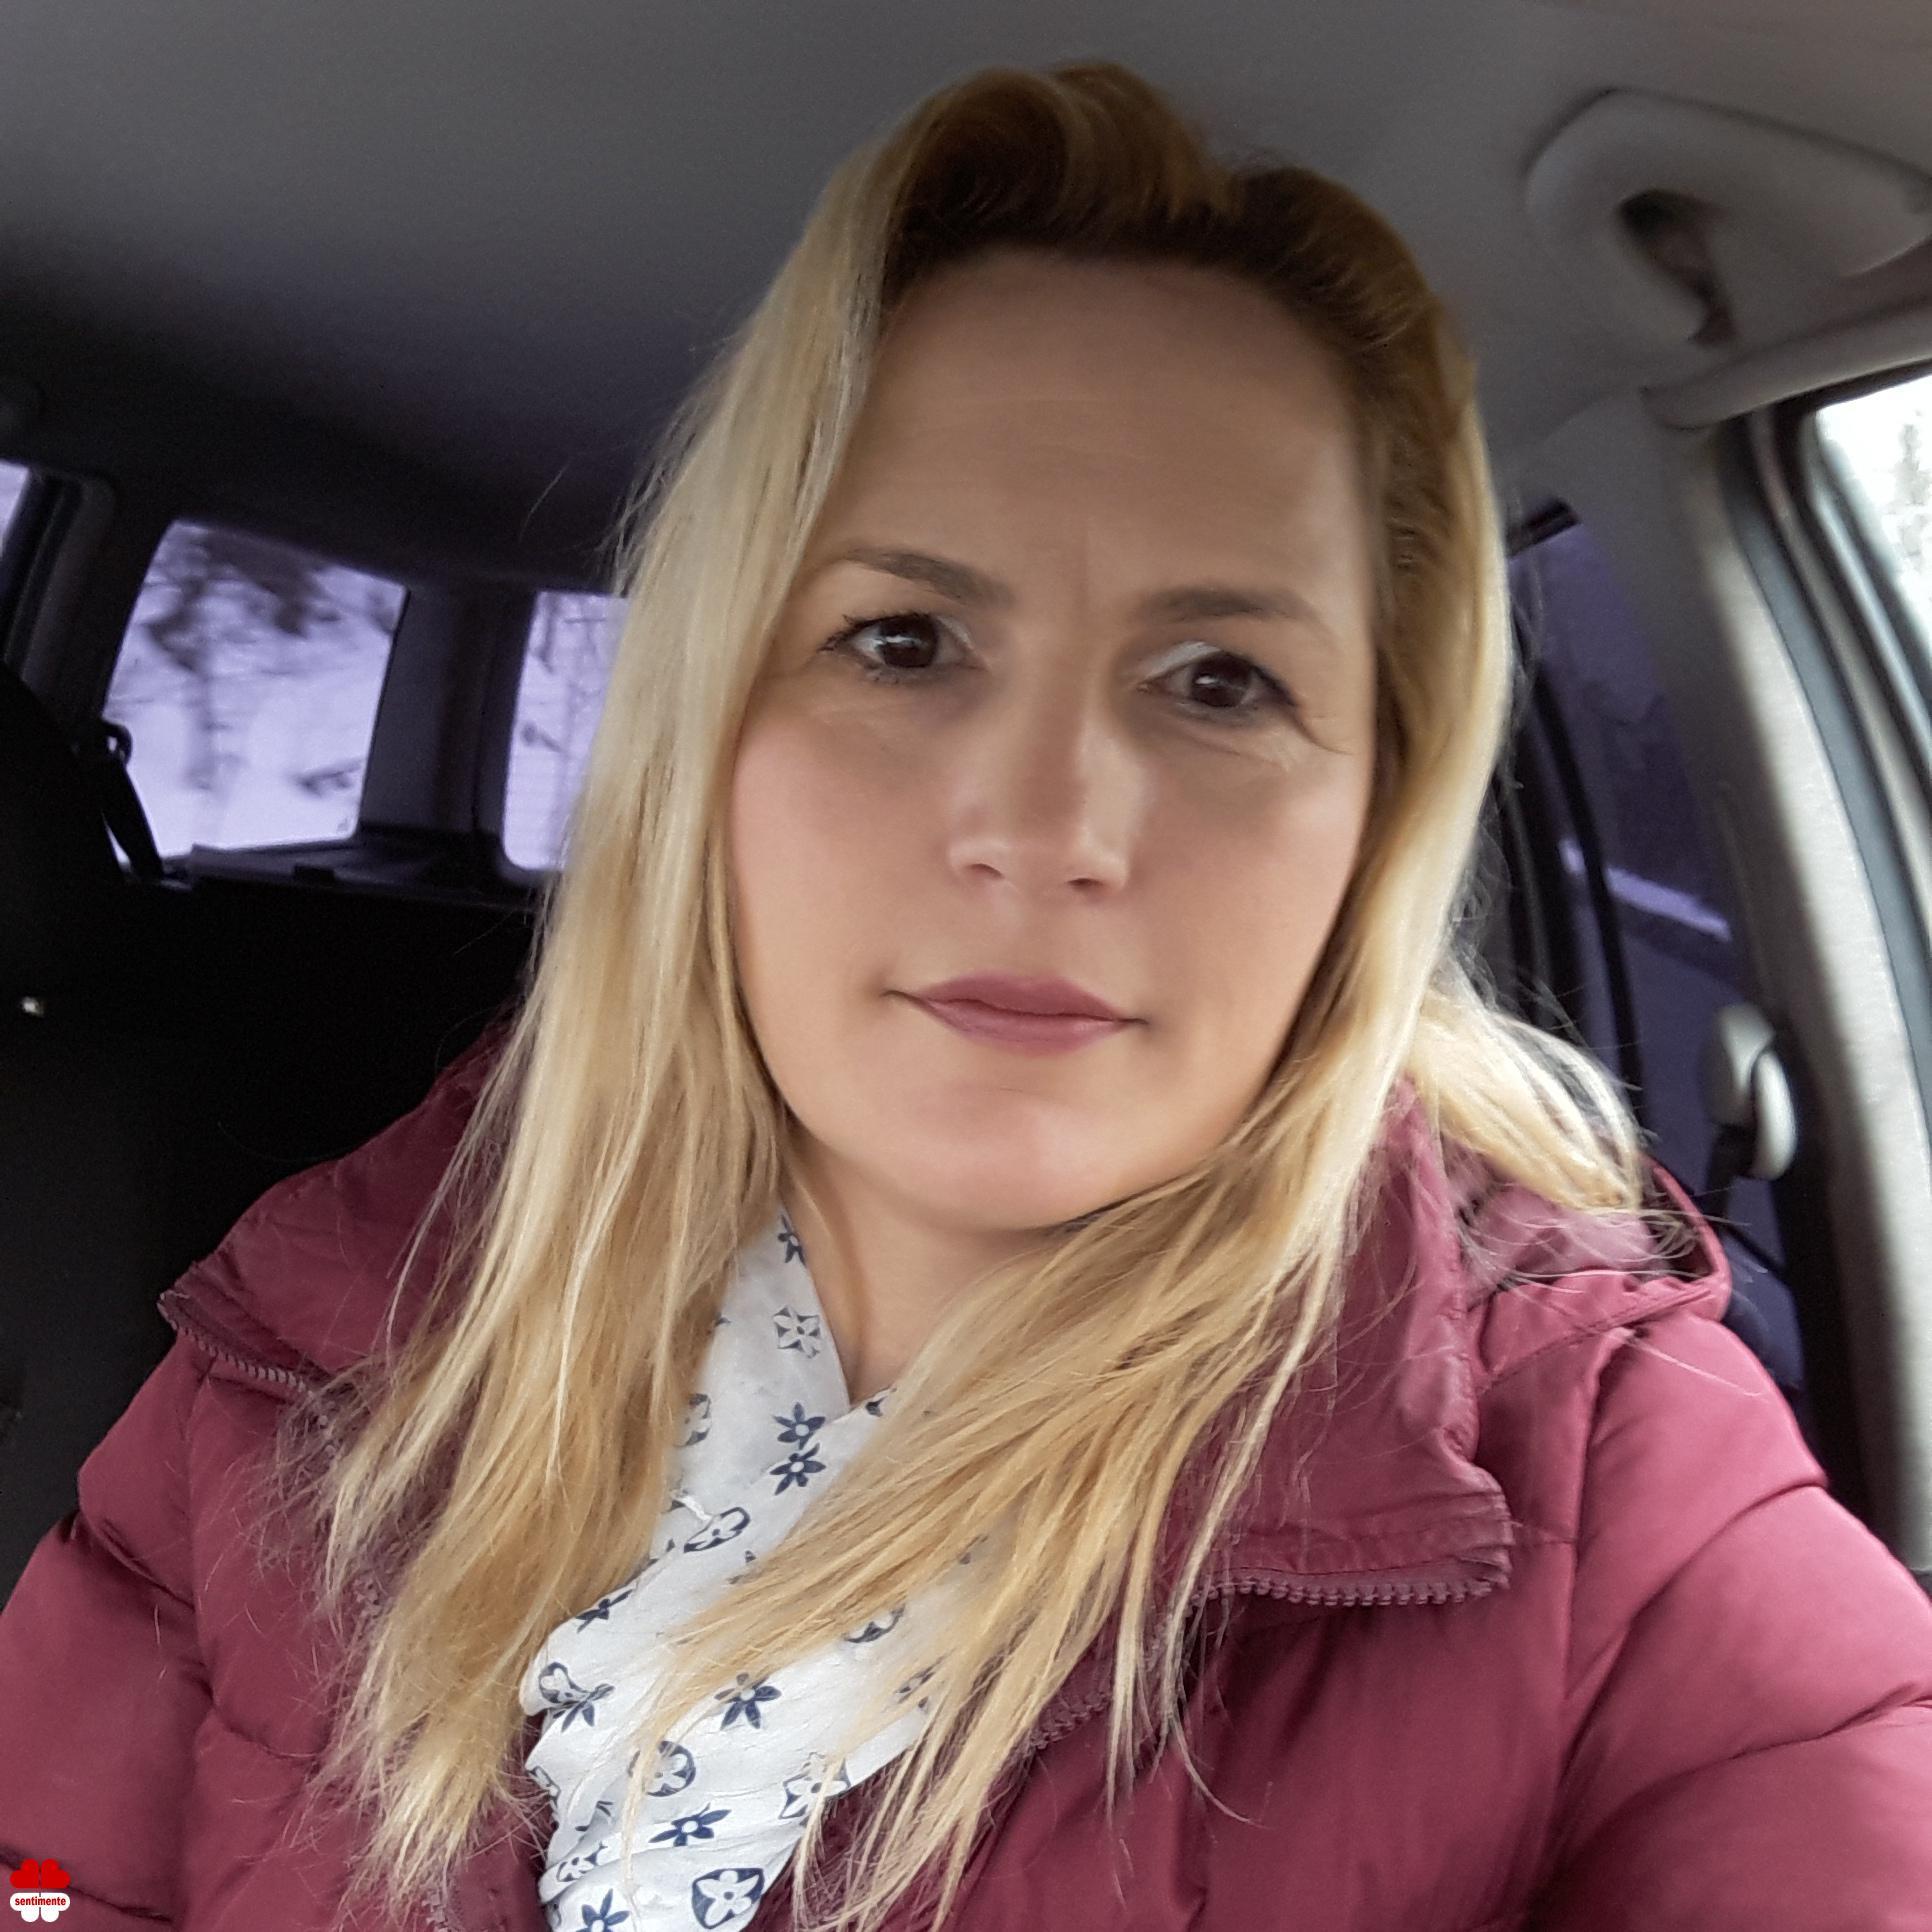 Contacte femei vașcău, cunoaște persoane singure online amuzante sex citate pics